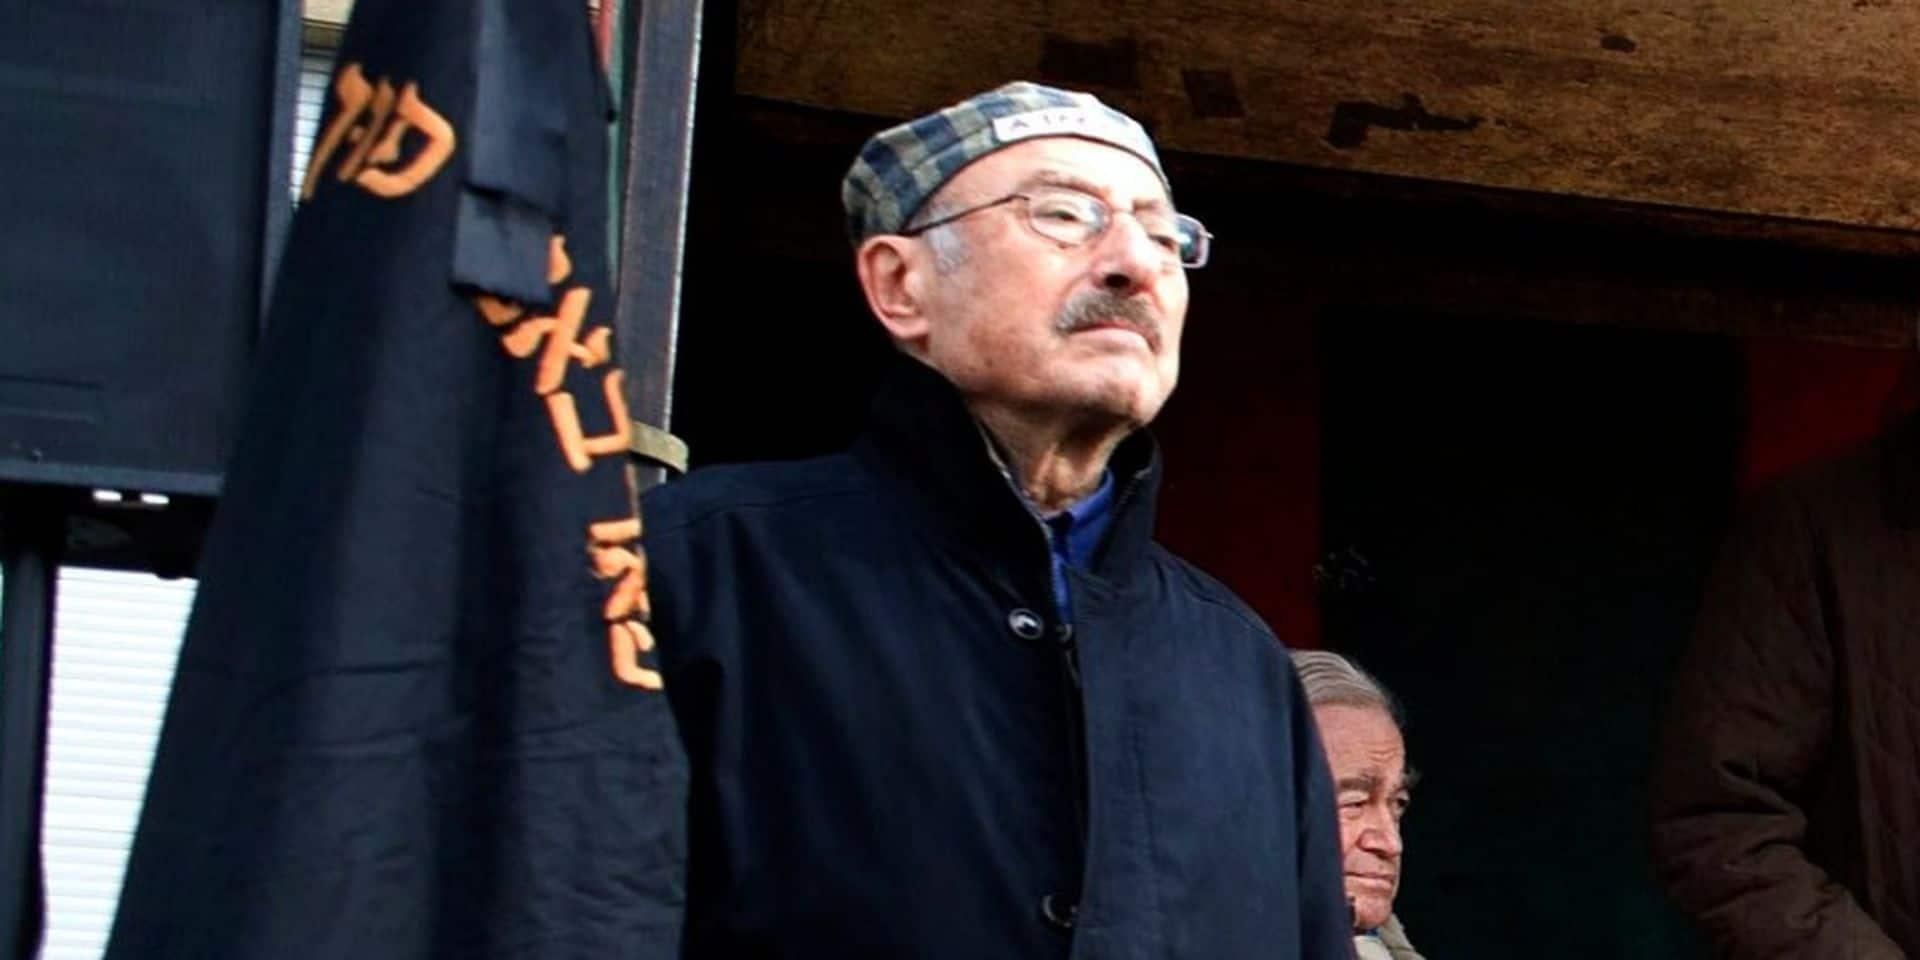 Une rue de la commune de Forest rendra hommage au survivant belge de la Shoah Henri Kichka